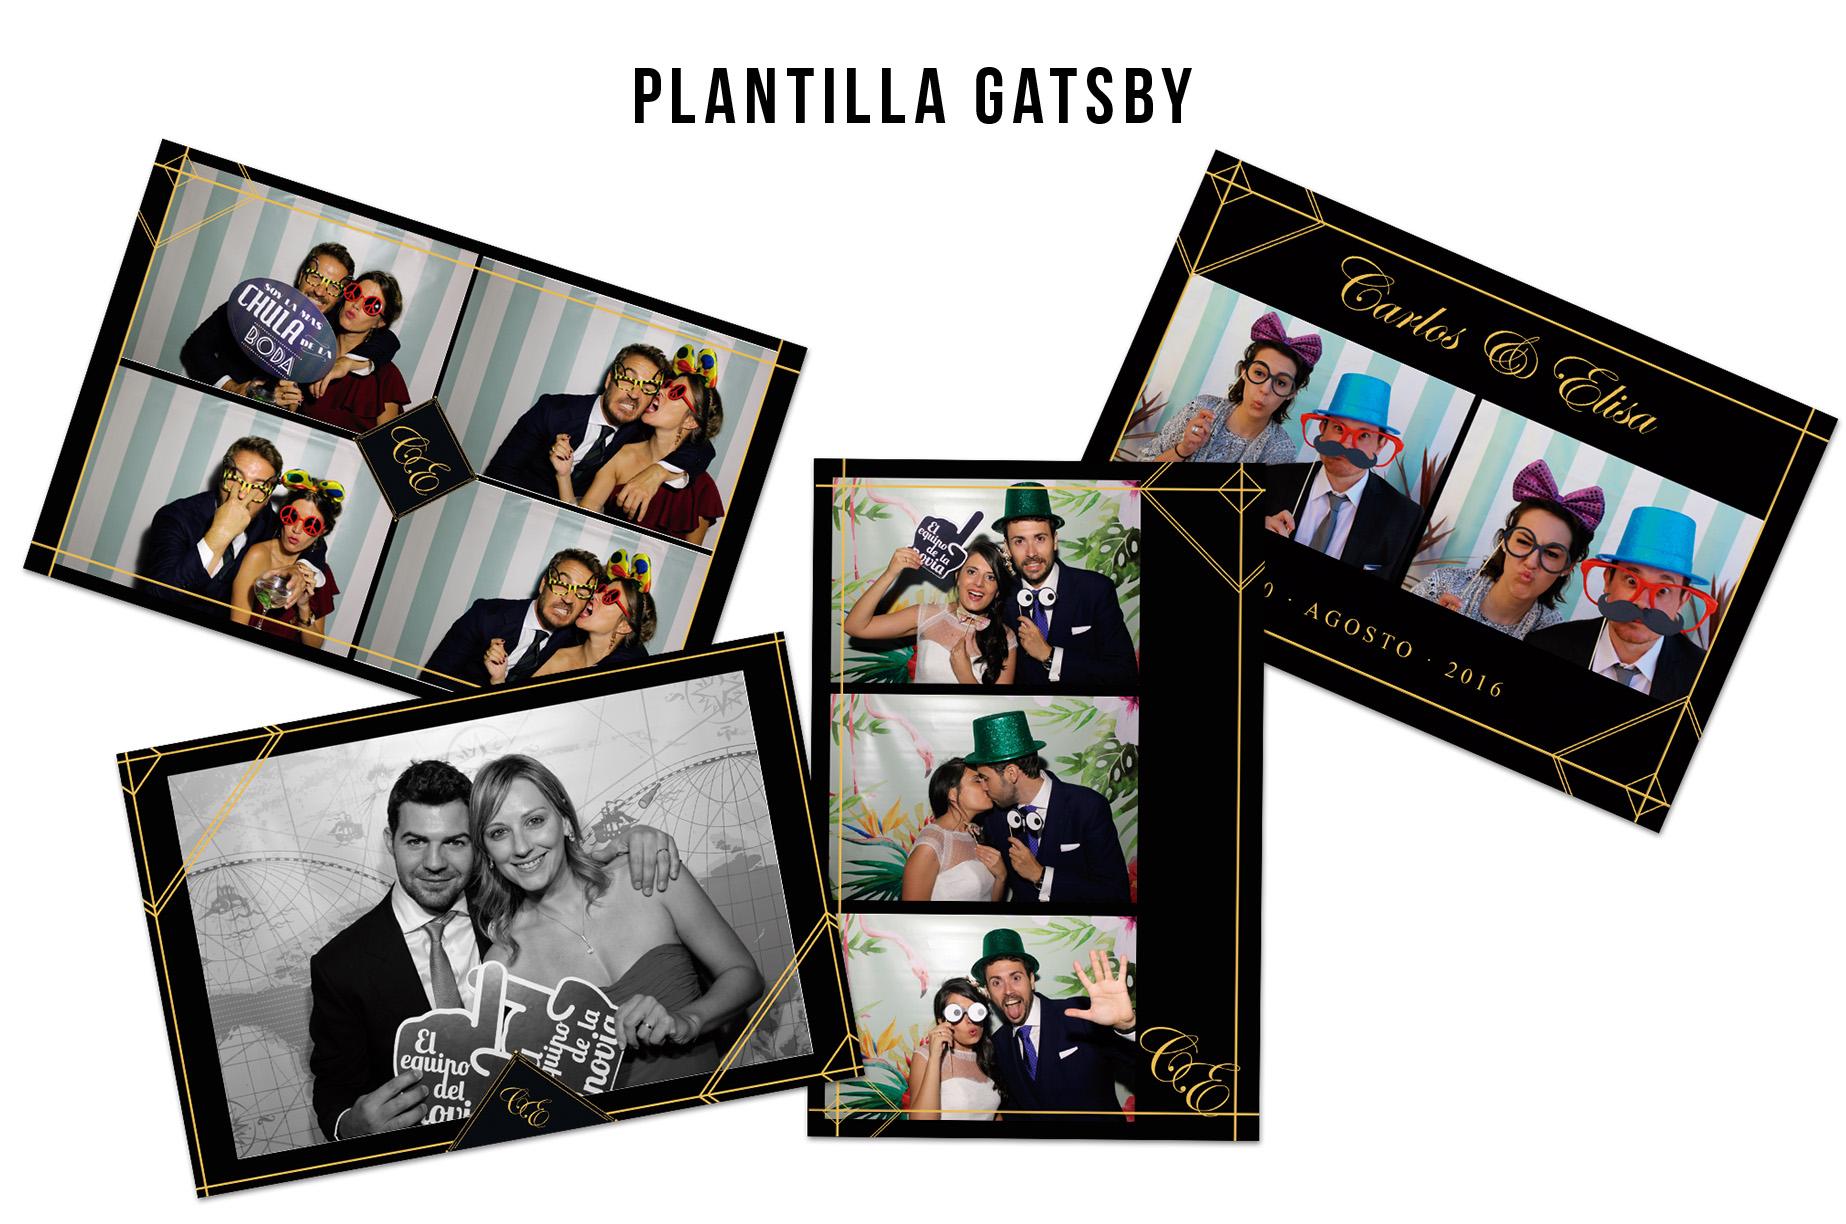 Plantilla GATSBY